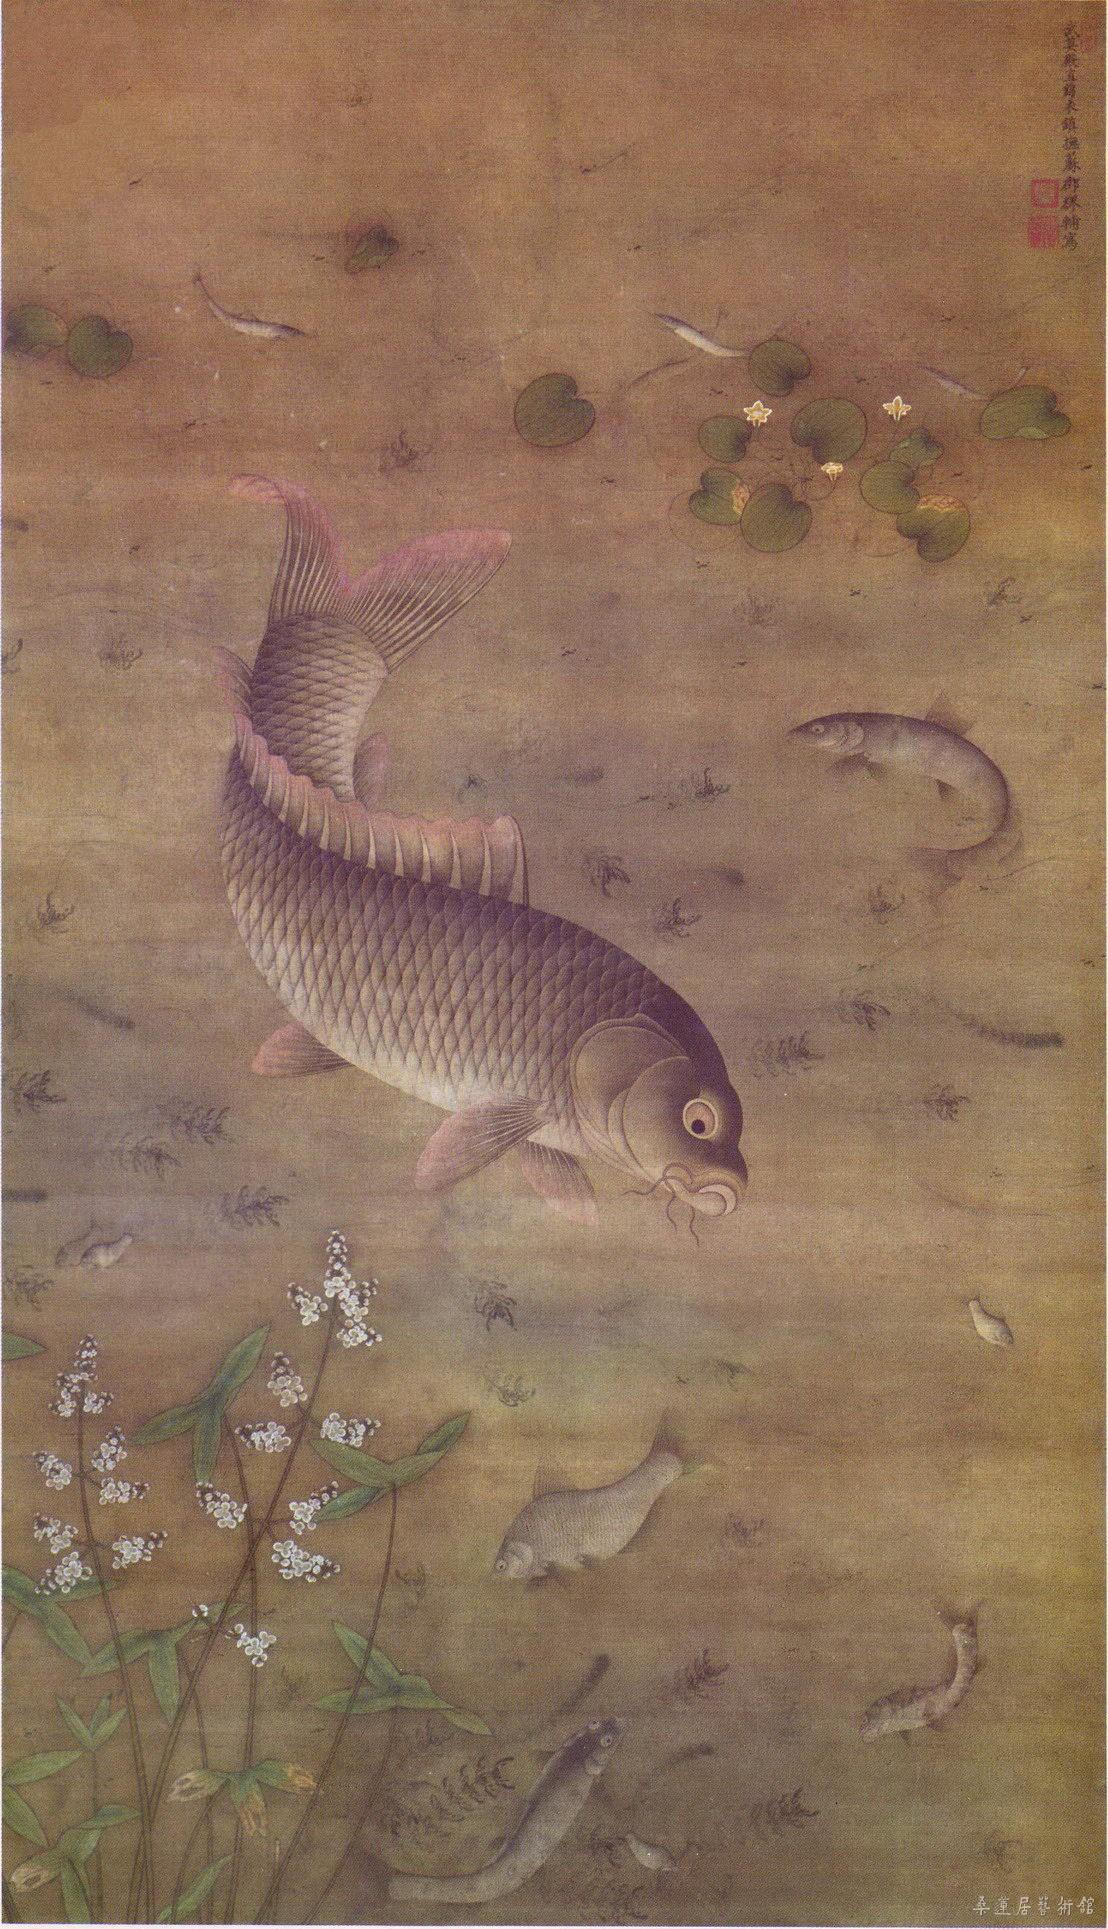 明 缪辅 《鱼藻图》轴 绢本设色 171.3×99.1cm 北京故宫博物院藏